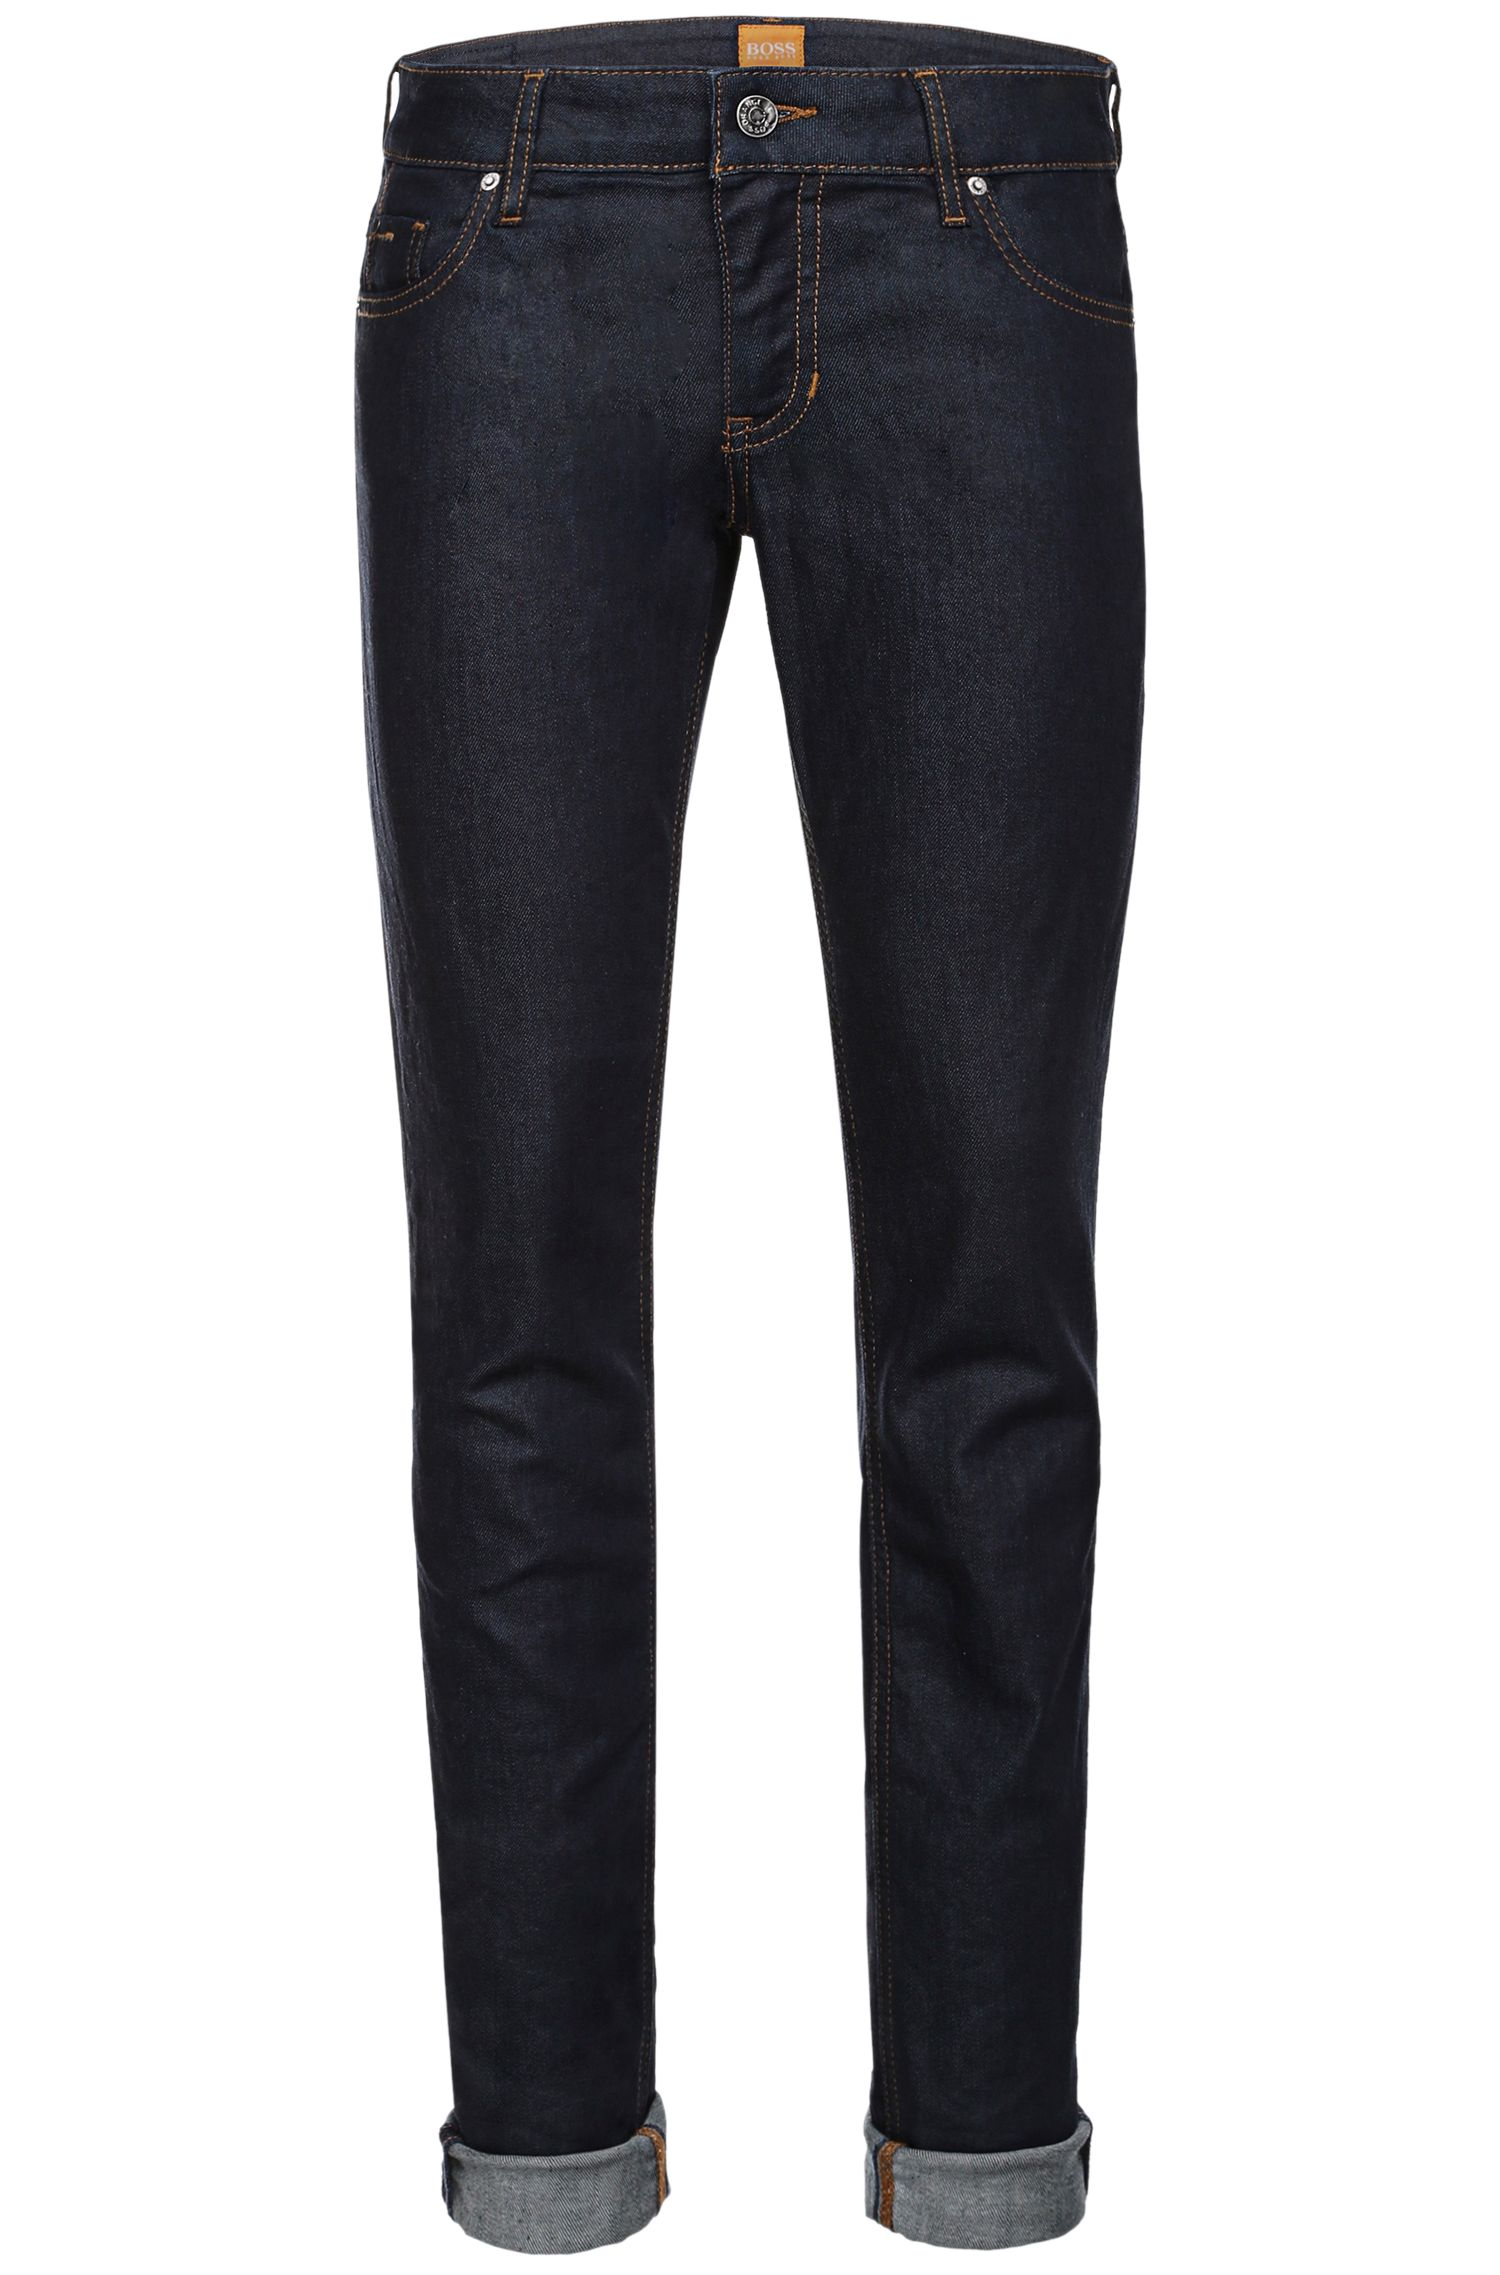 Jeans Slim Fit en coton mélangé extensible: «OrangeJ20»